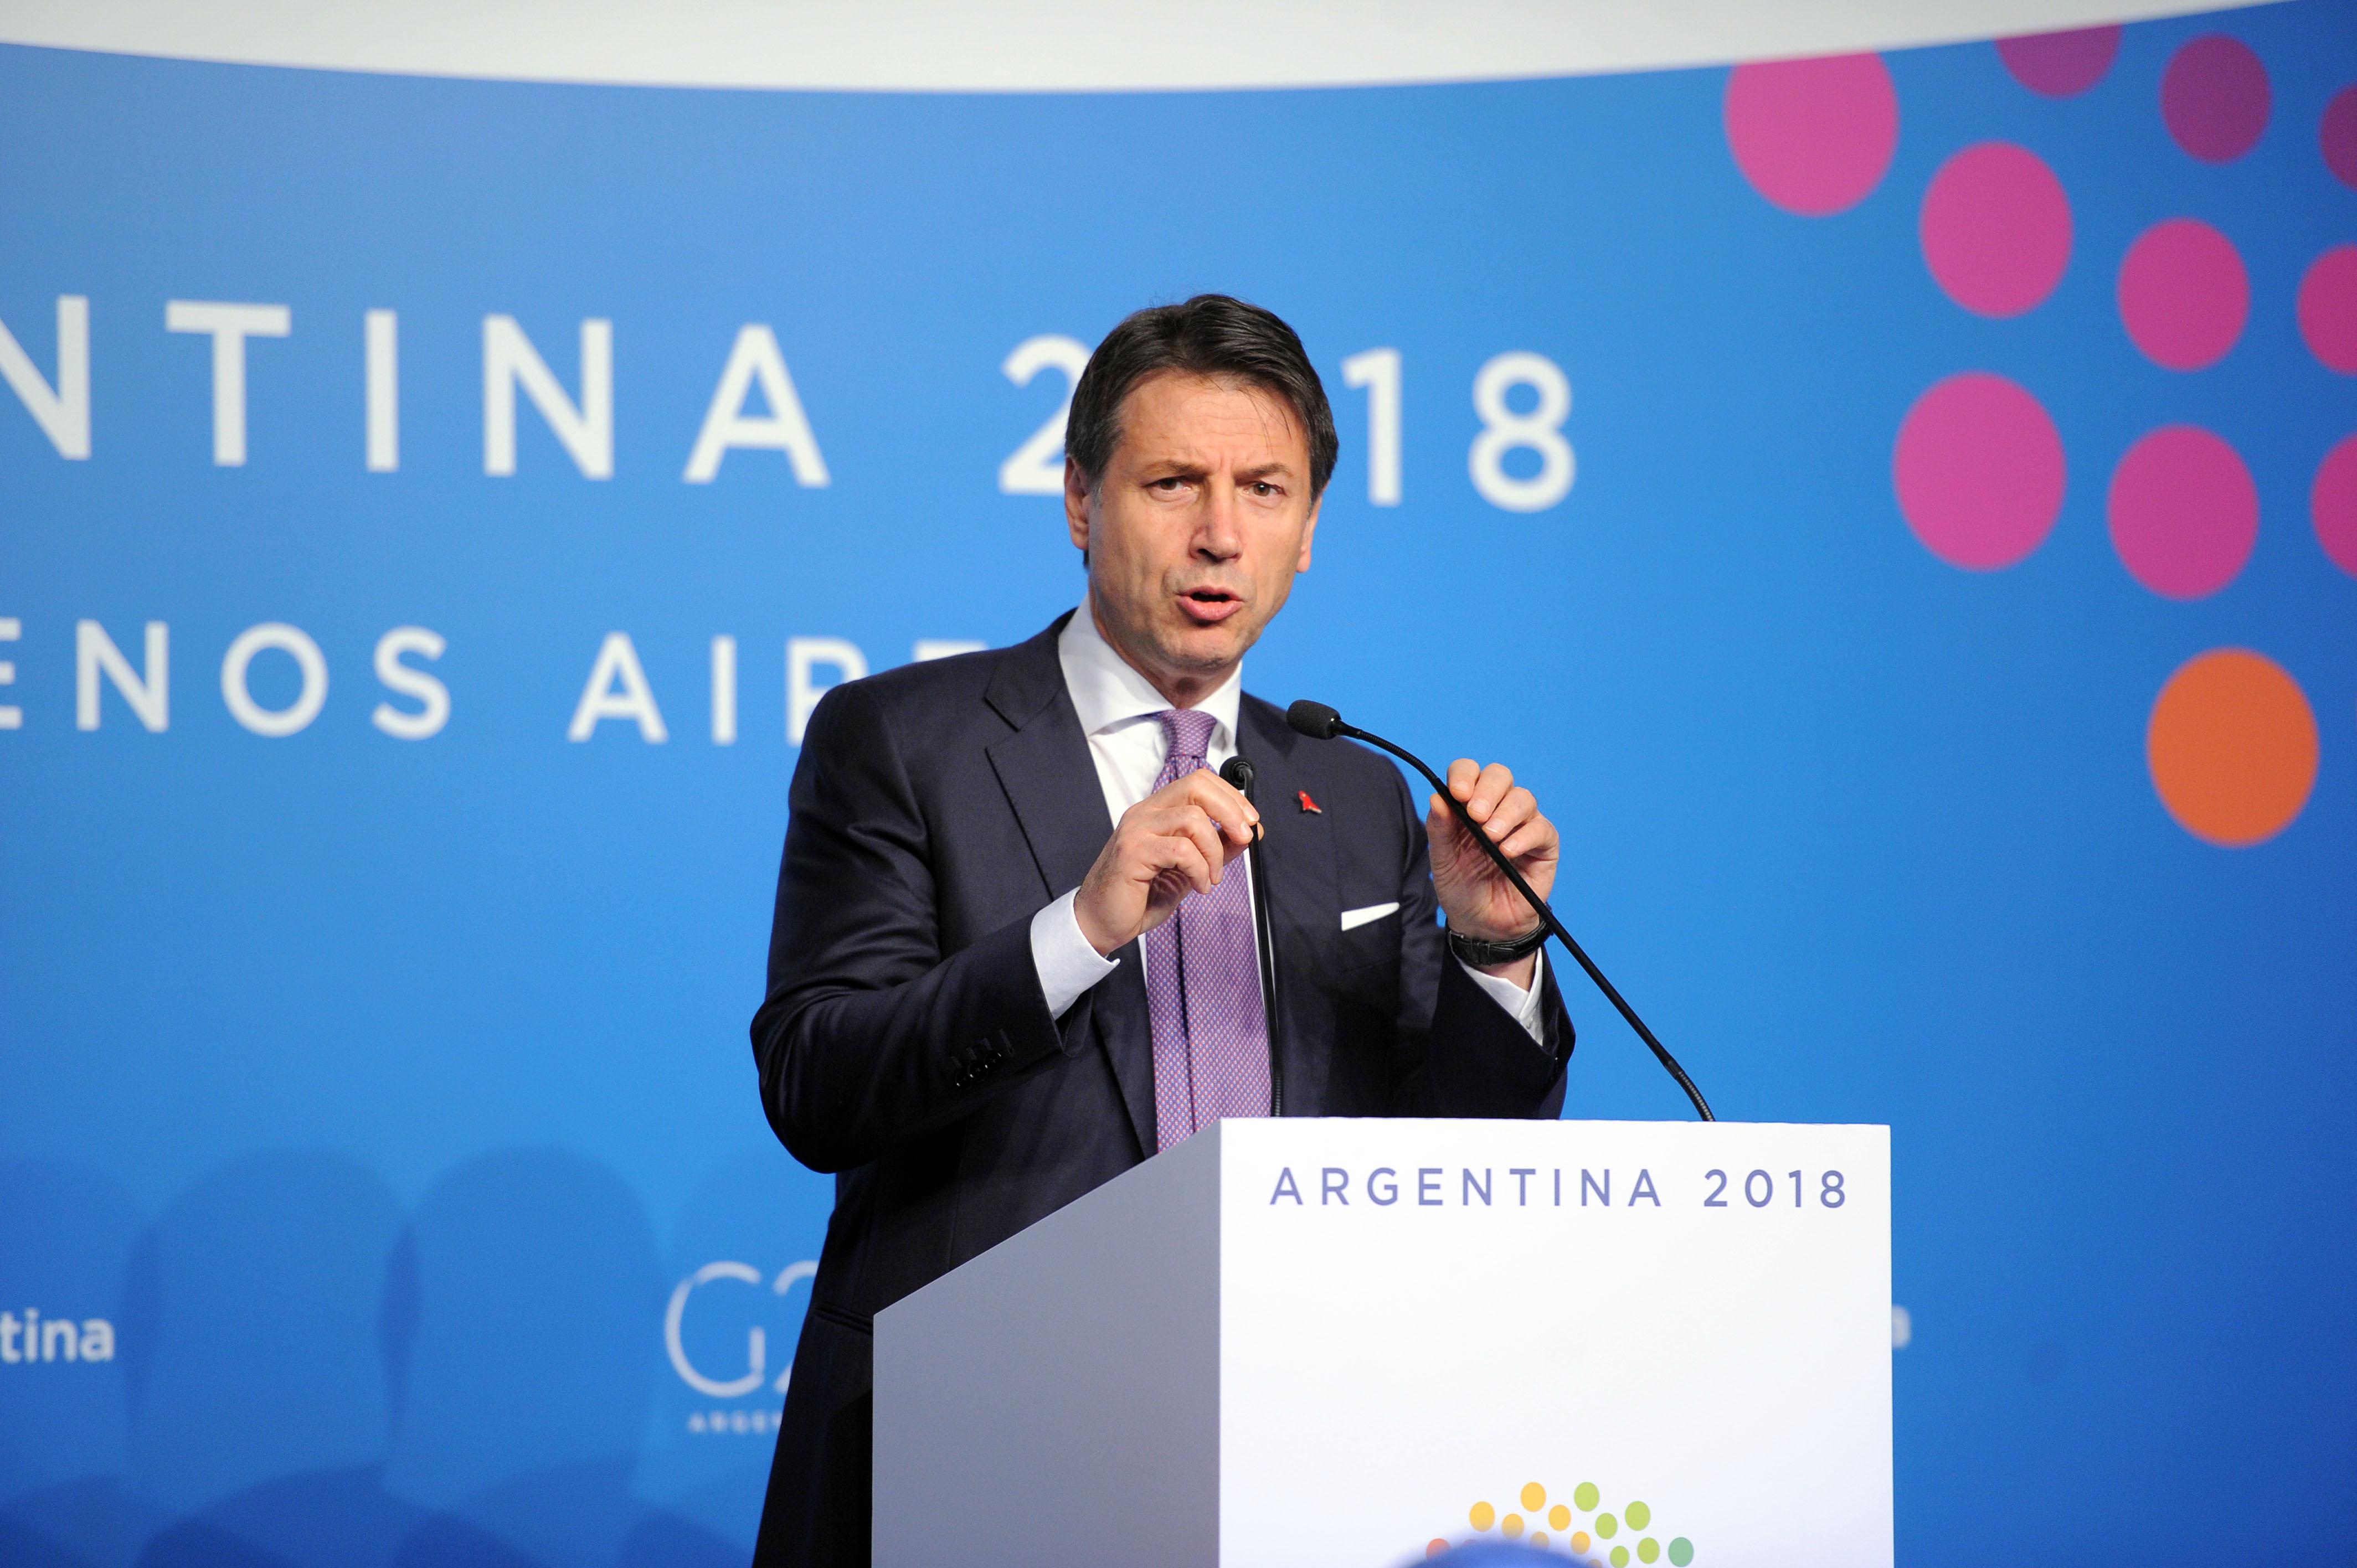 Premier Włoch Giuseppe Conte w Argentynie w czasie spotkania międzynarodowego G20. Jego rząd właśnie rozpoczyna wdrażanie tzw. dochodu obywatelskiego (fot. G20 Argentina/flickr.com/CC BY 2.0)